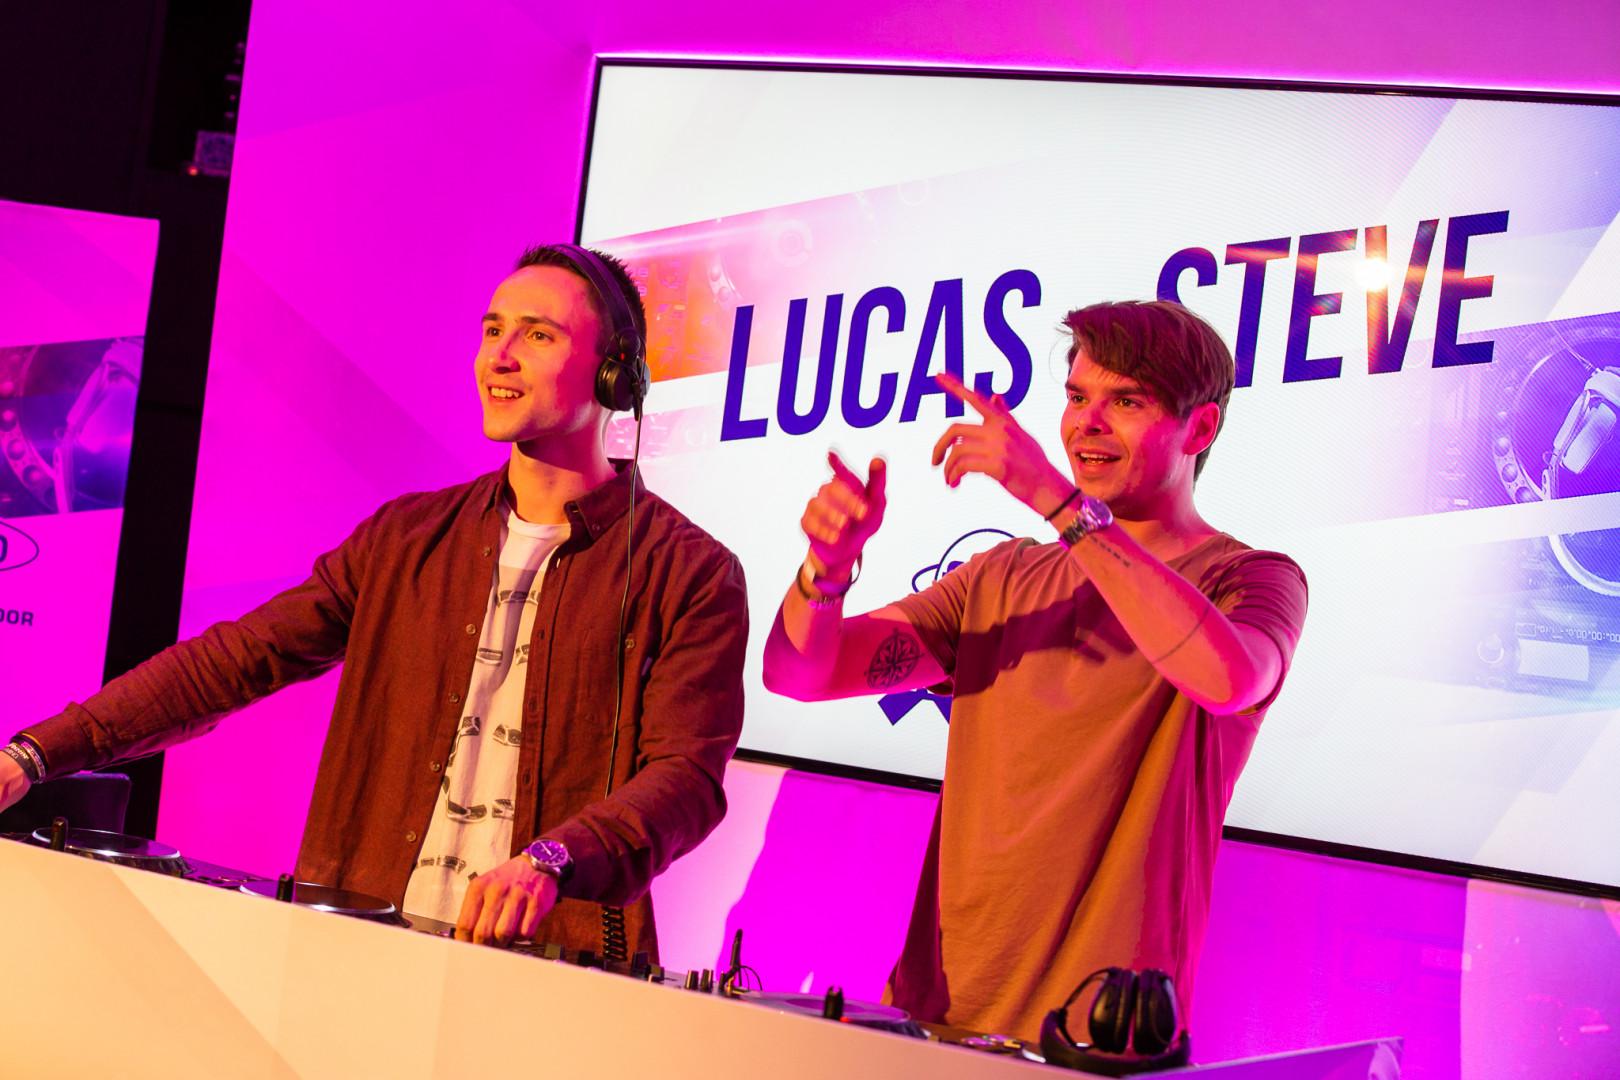 Lucas & Steve